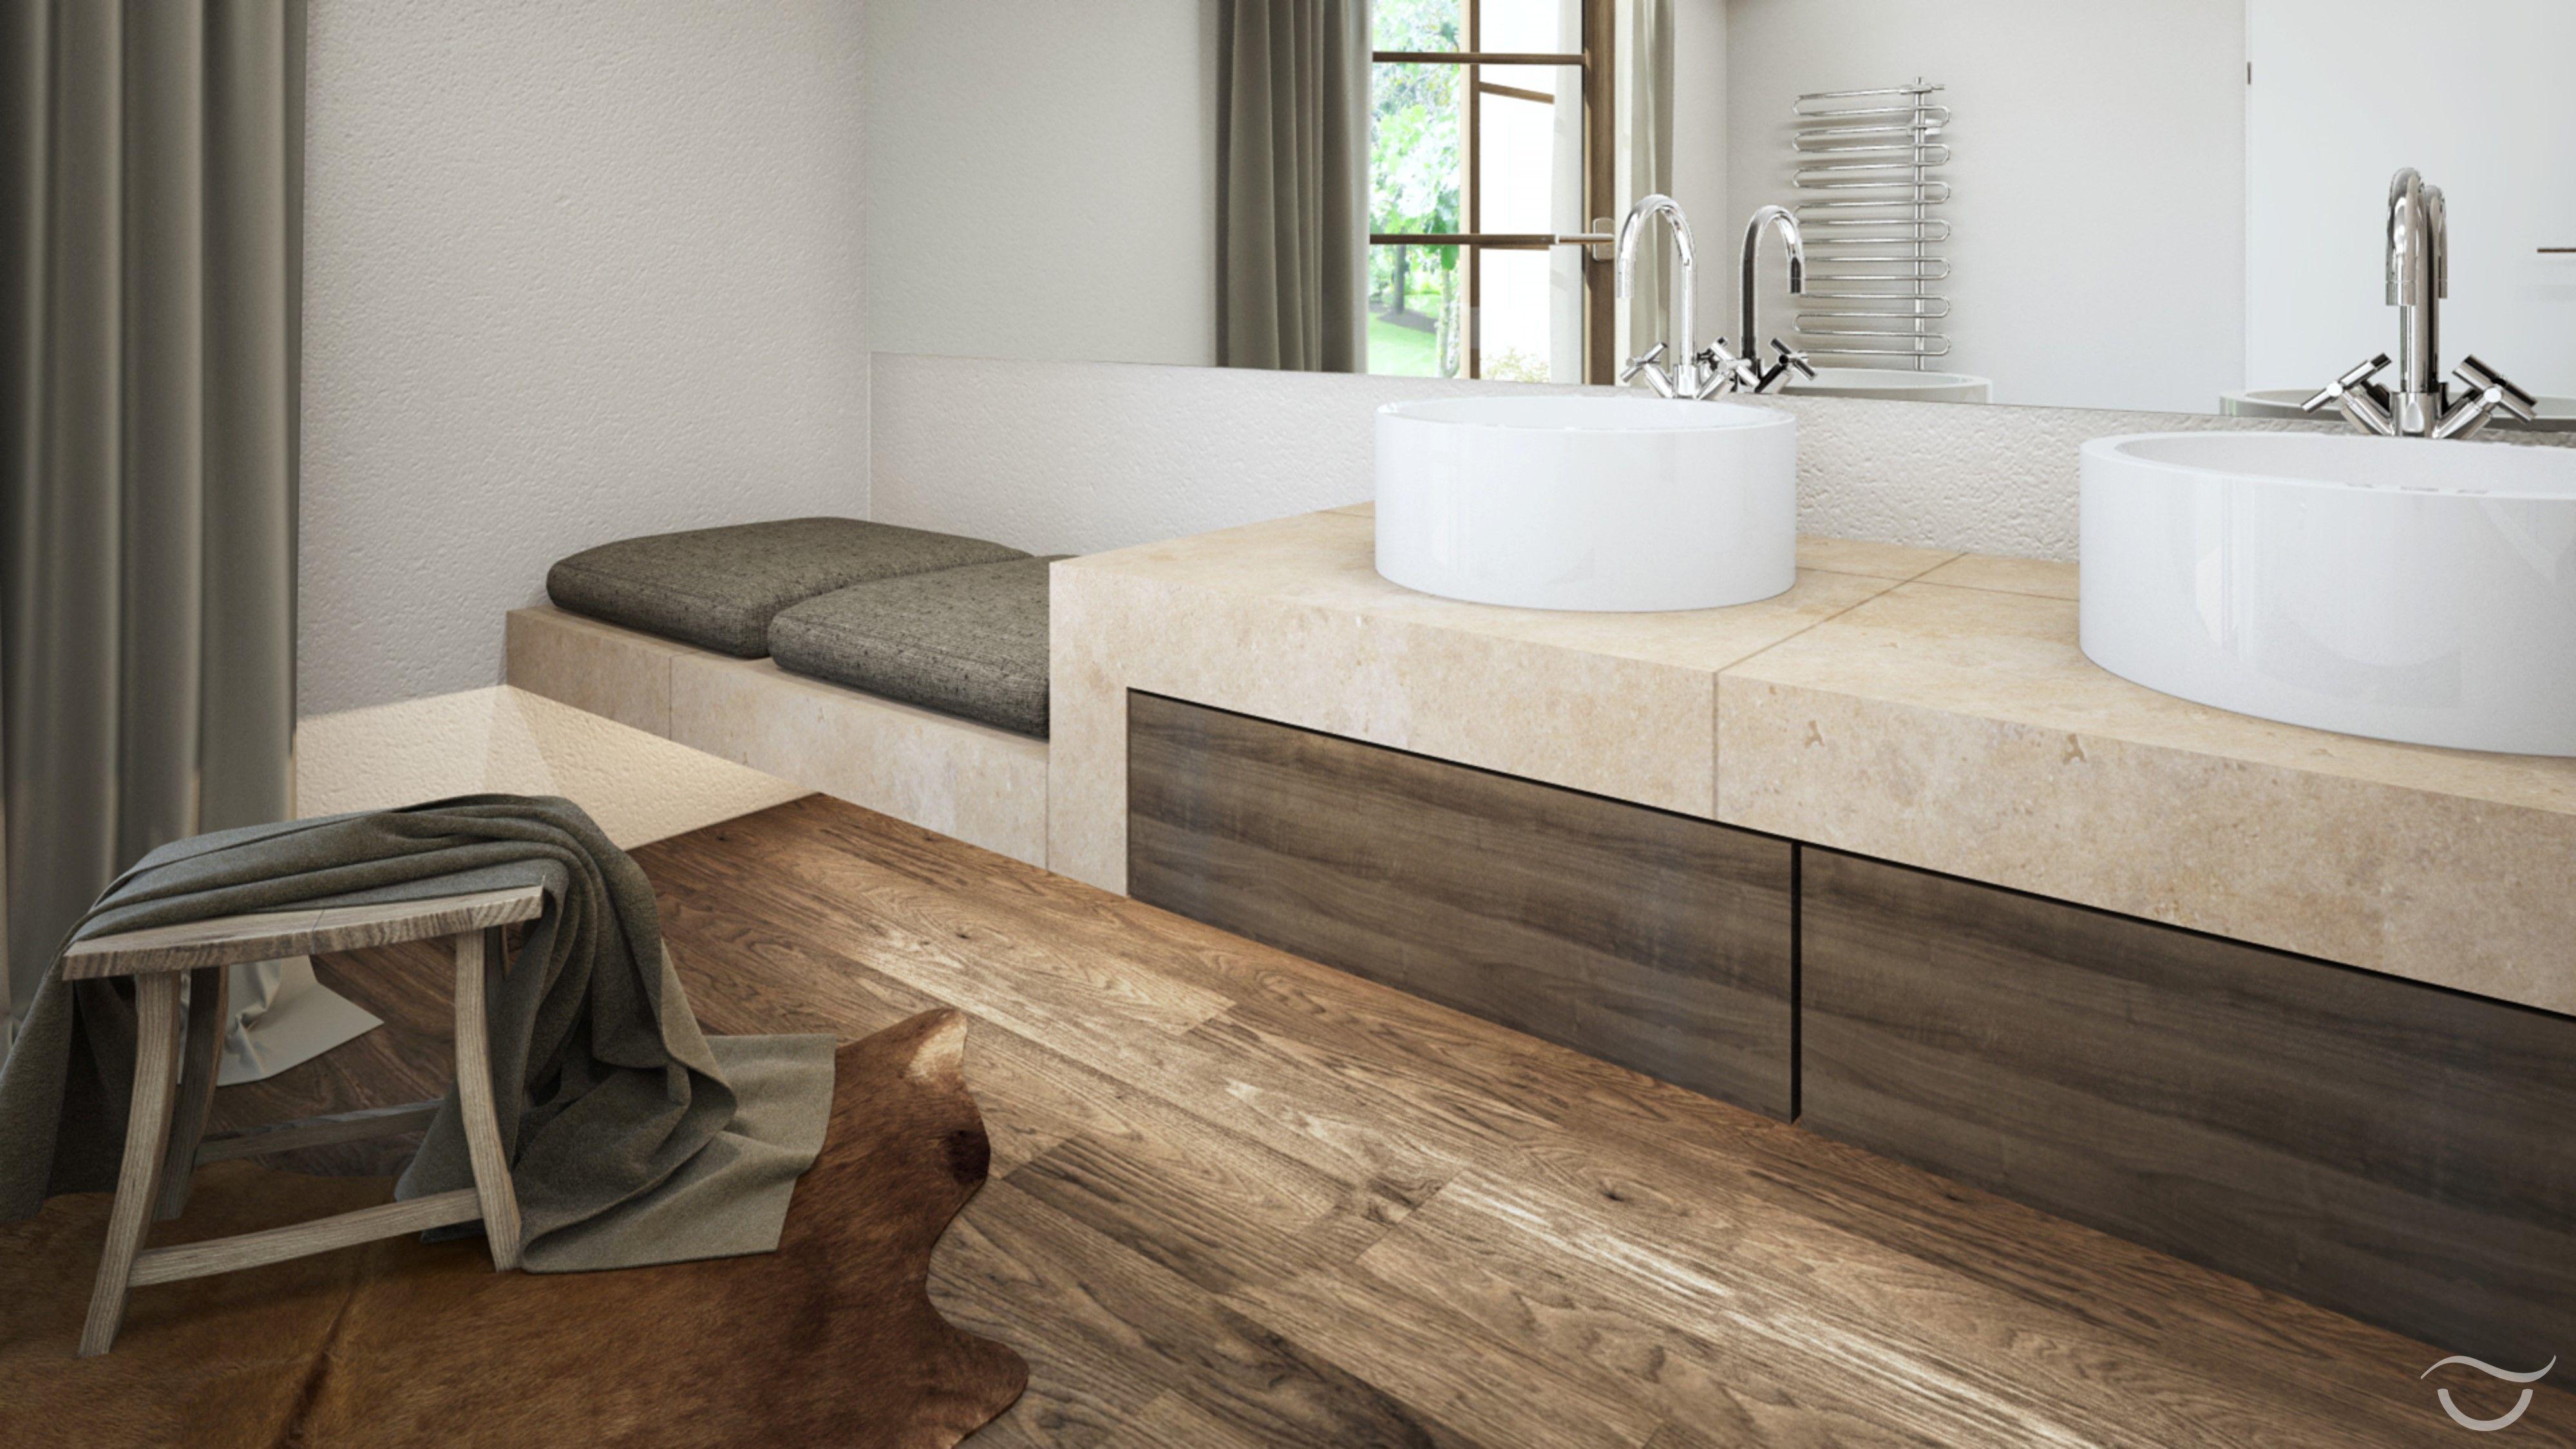 Rustikales Badezimmer Design Mit Holzboden Ein Fellteppich Im Bad Halt Ihre Fusse Zusatzlich Warm Badrenovierung Badezimmer Naturstein Bad